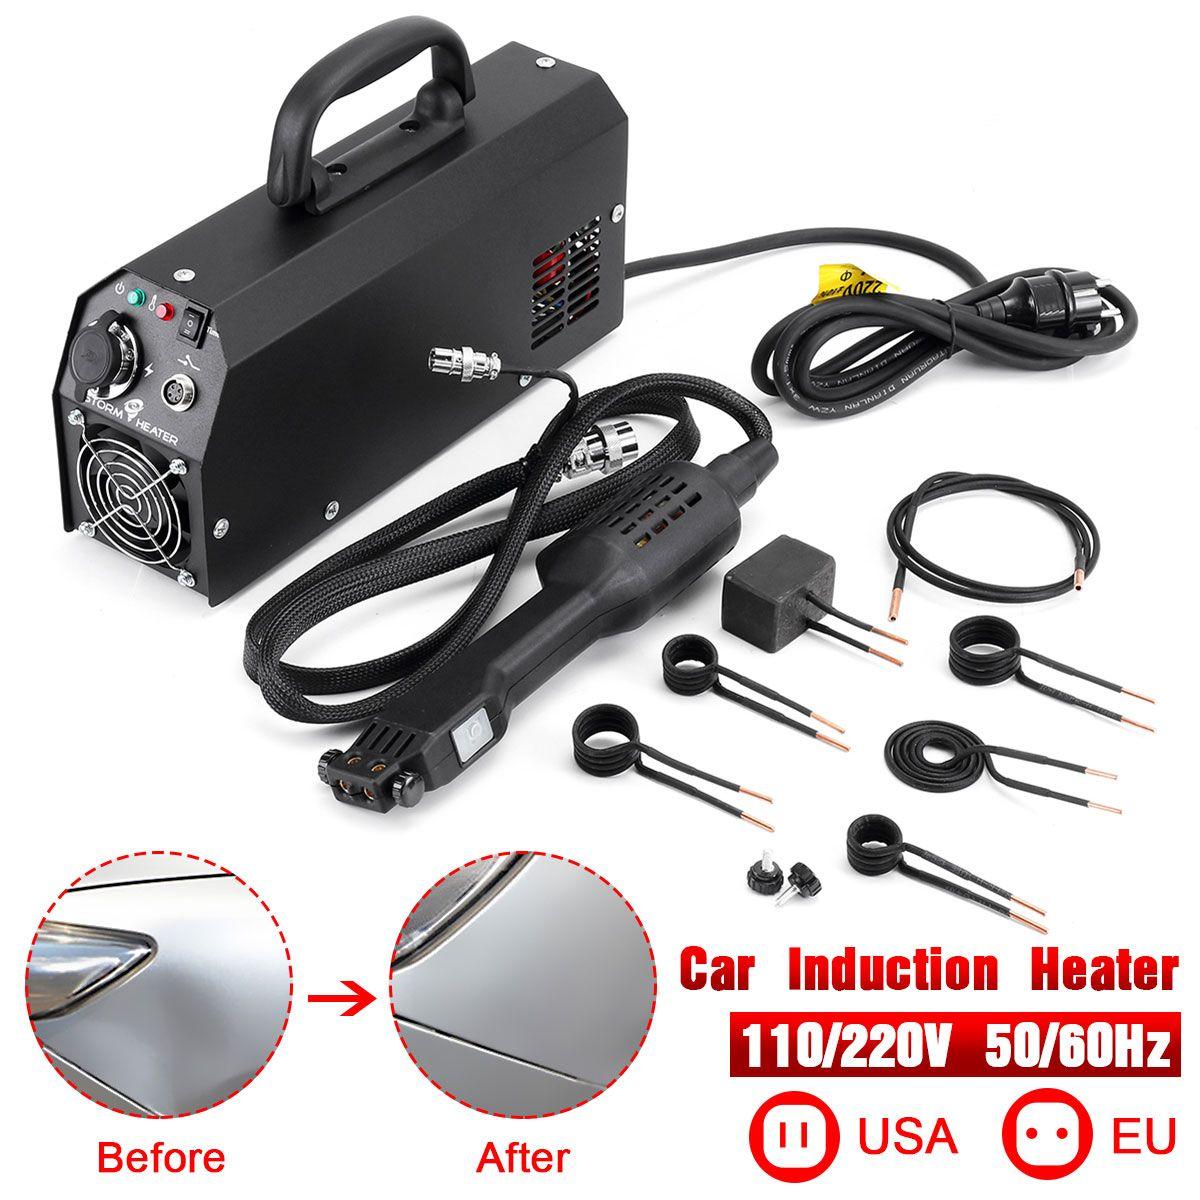 110/220 V 2000W Car Induction Heater Repair Machines Tool Paintless Removing for Car Repair Removal of Dents Car Body Repair